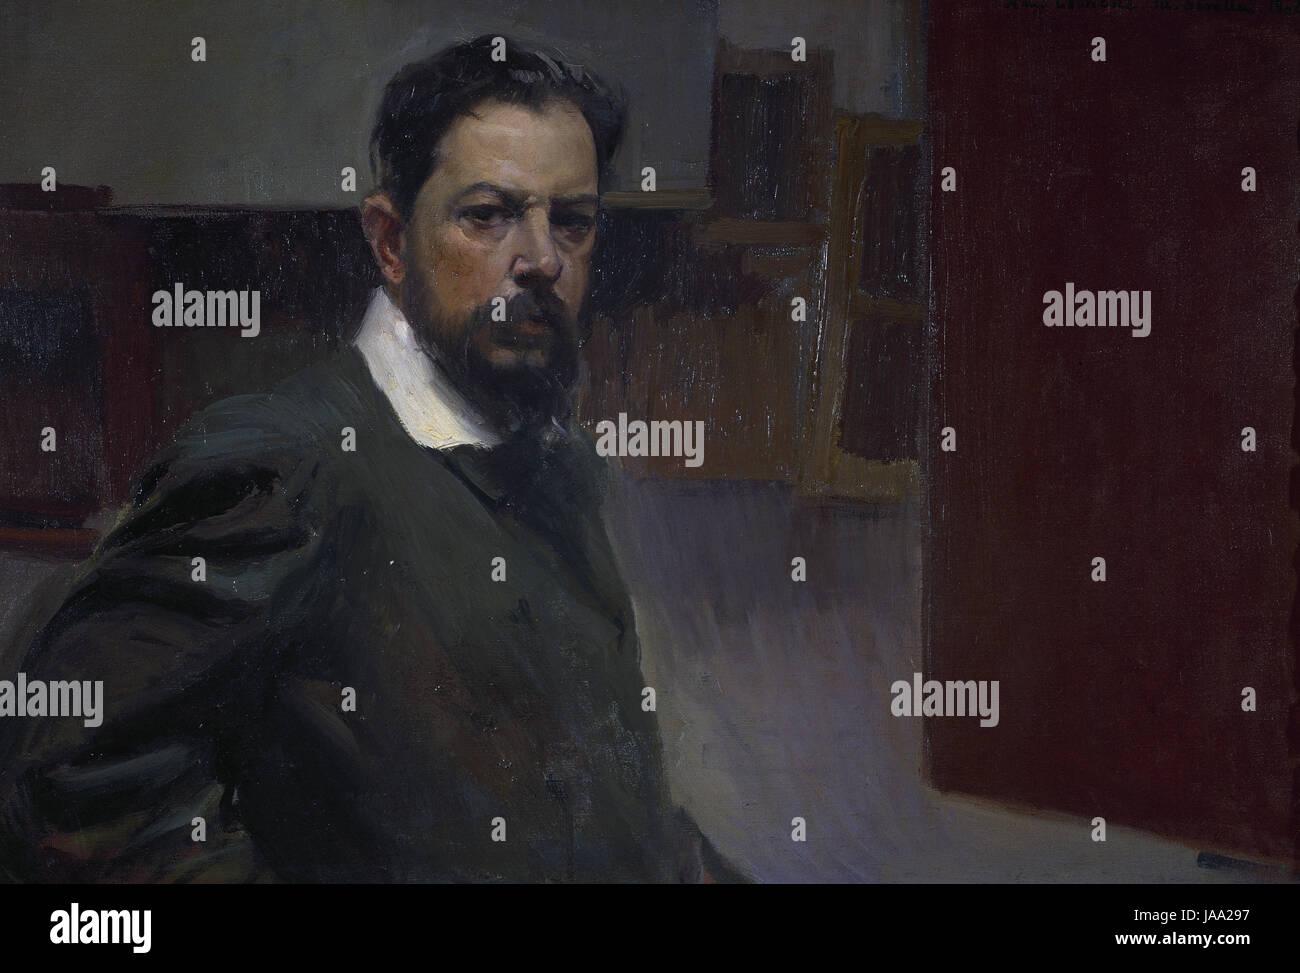 JoaquIn Sorolla (1863-1923). Pittore spagnolo. Self-portrait, 1904. Olio su tela. Museo Sorolla. Madrid. Spagna. Immagini Stock